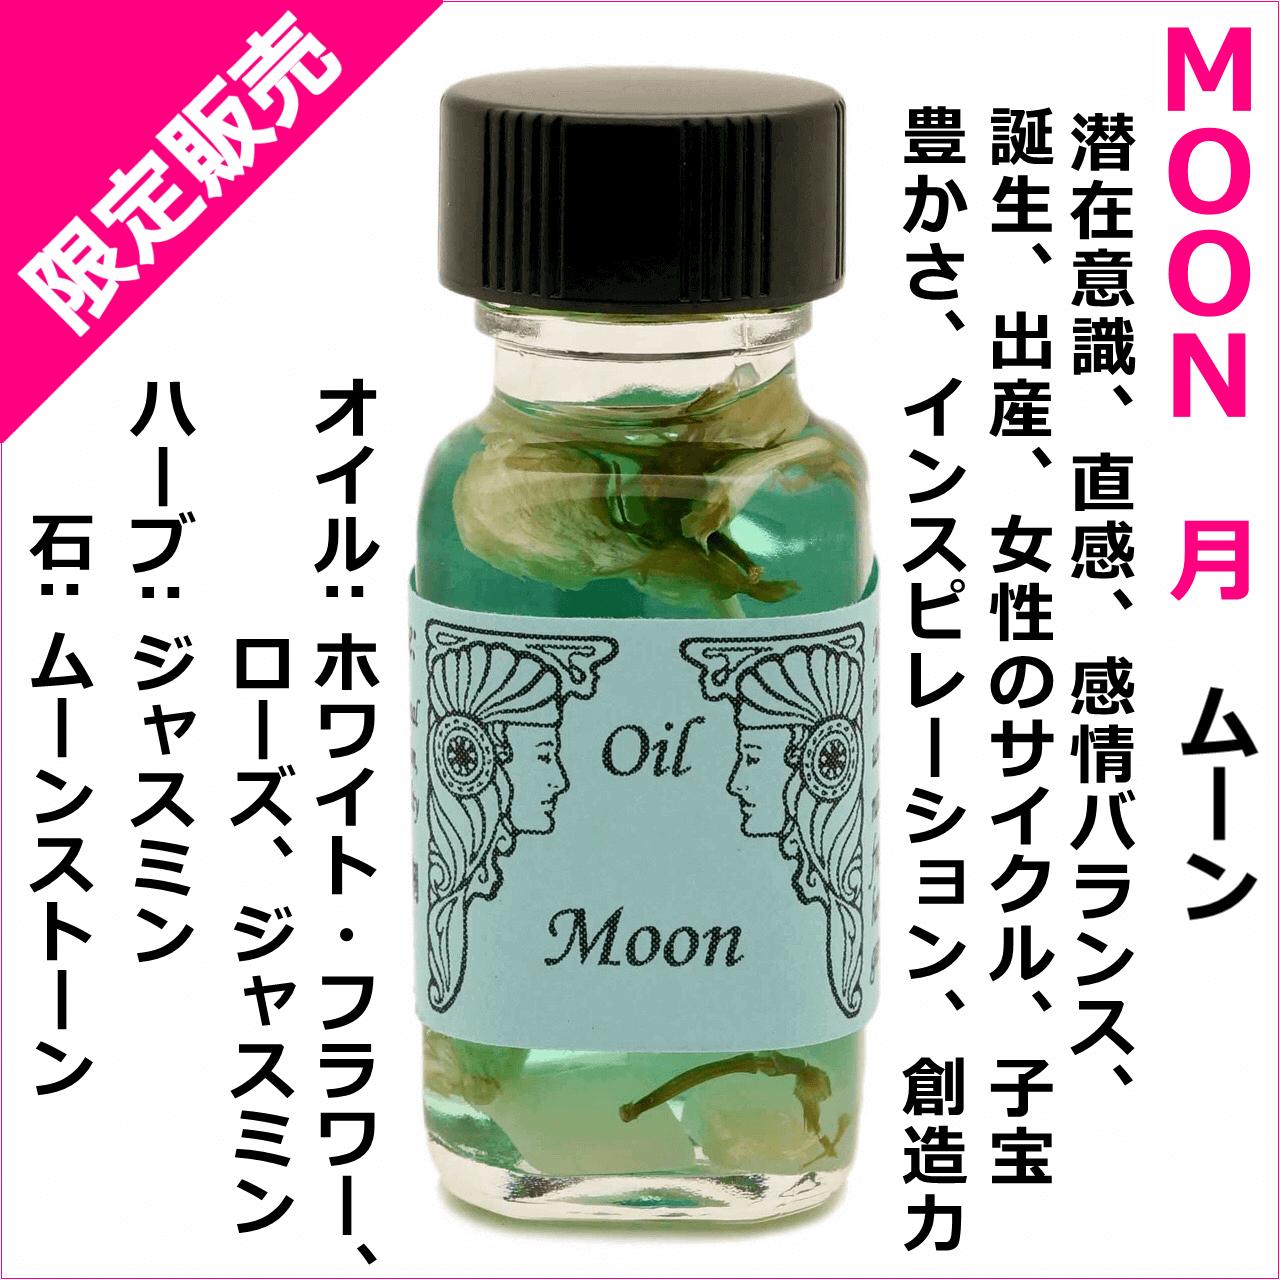 月・ムーン MOON  メモリーオイル 惑星(プラネット)シリーズ